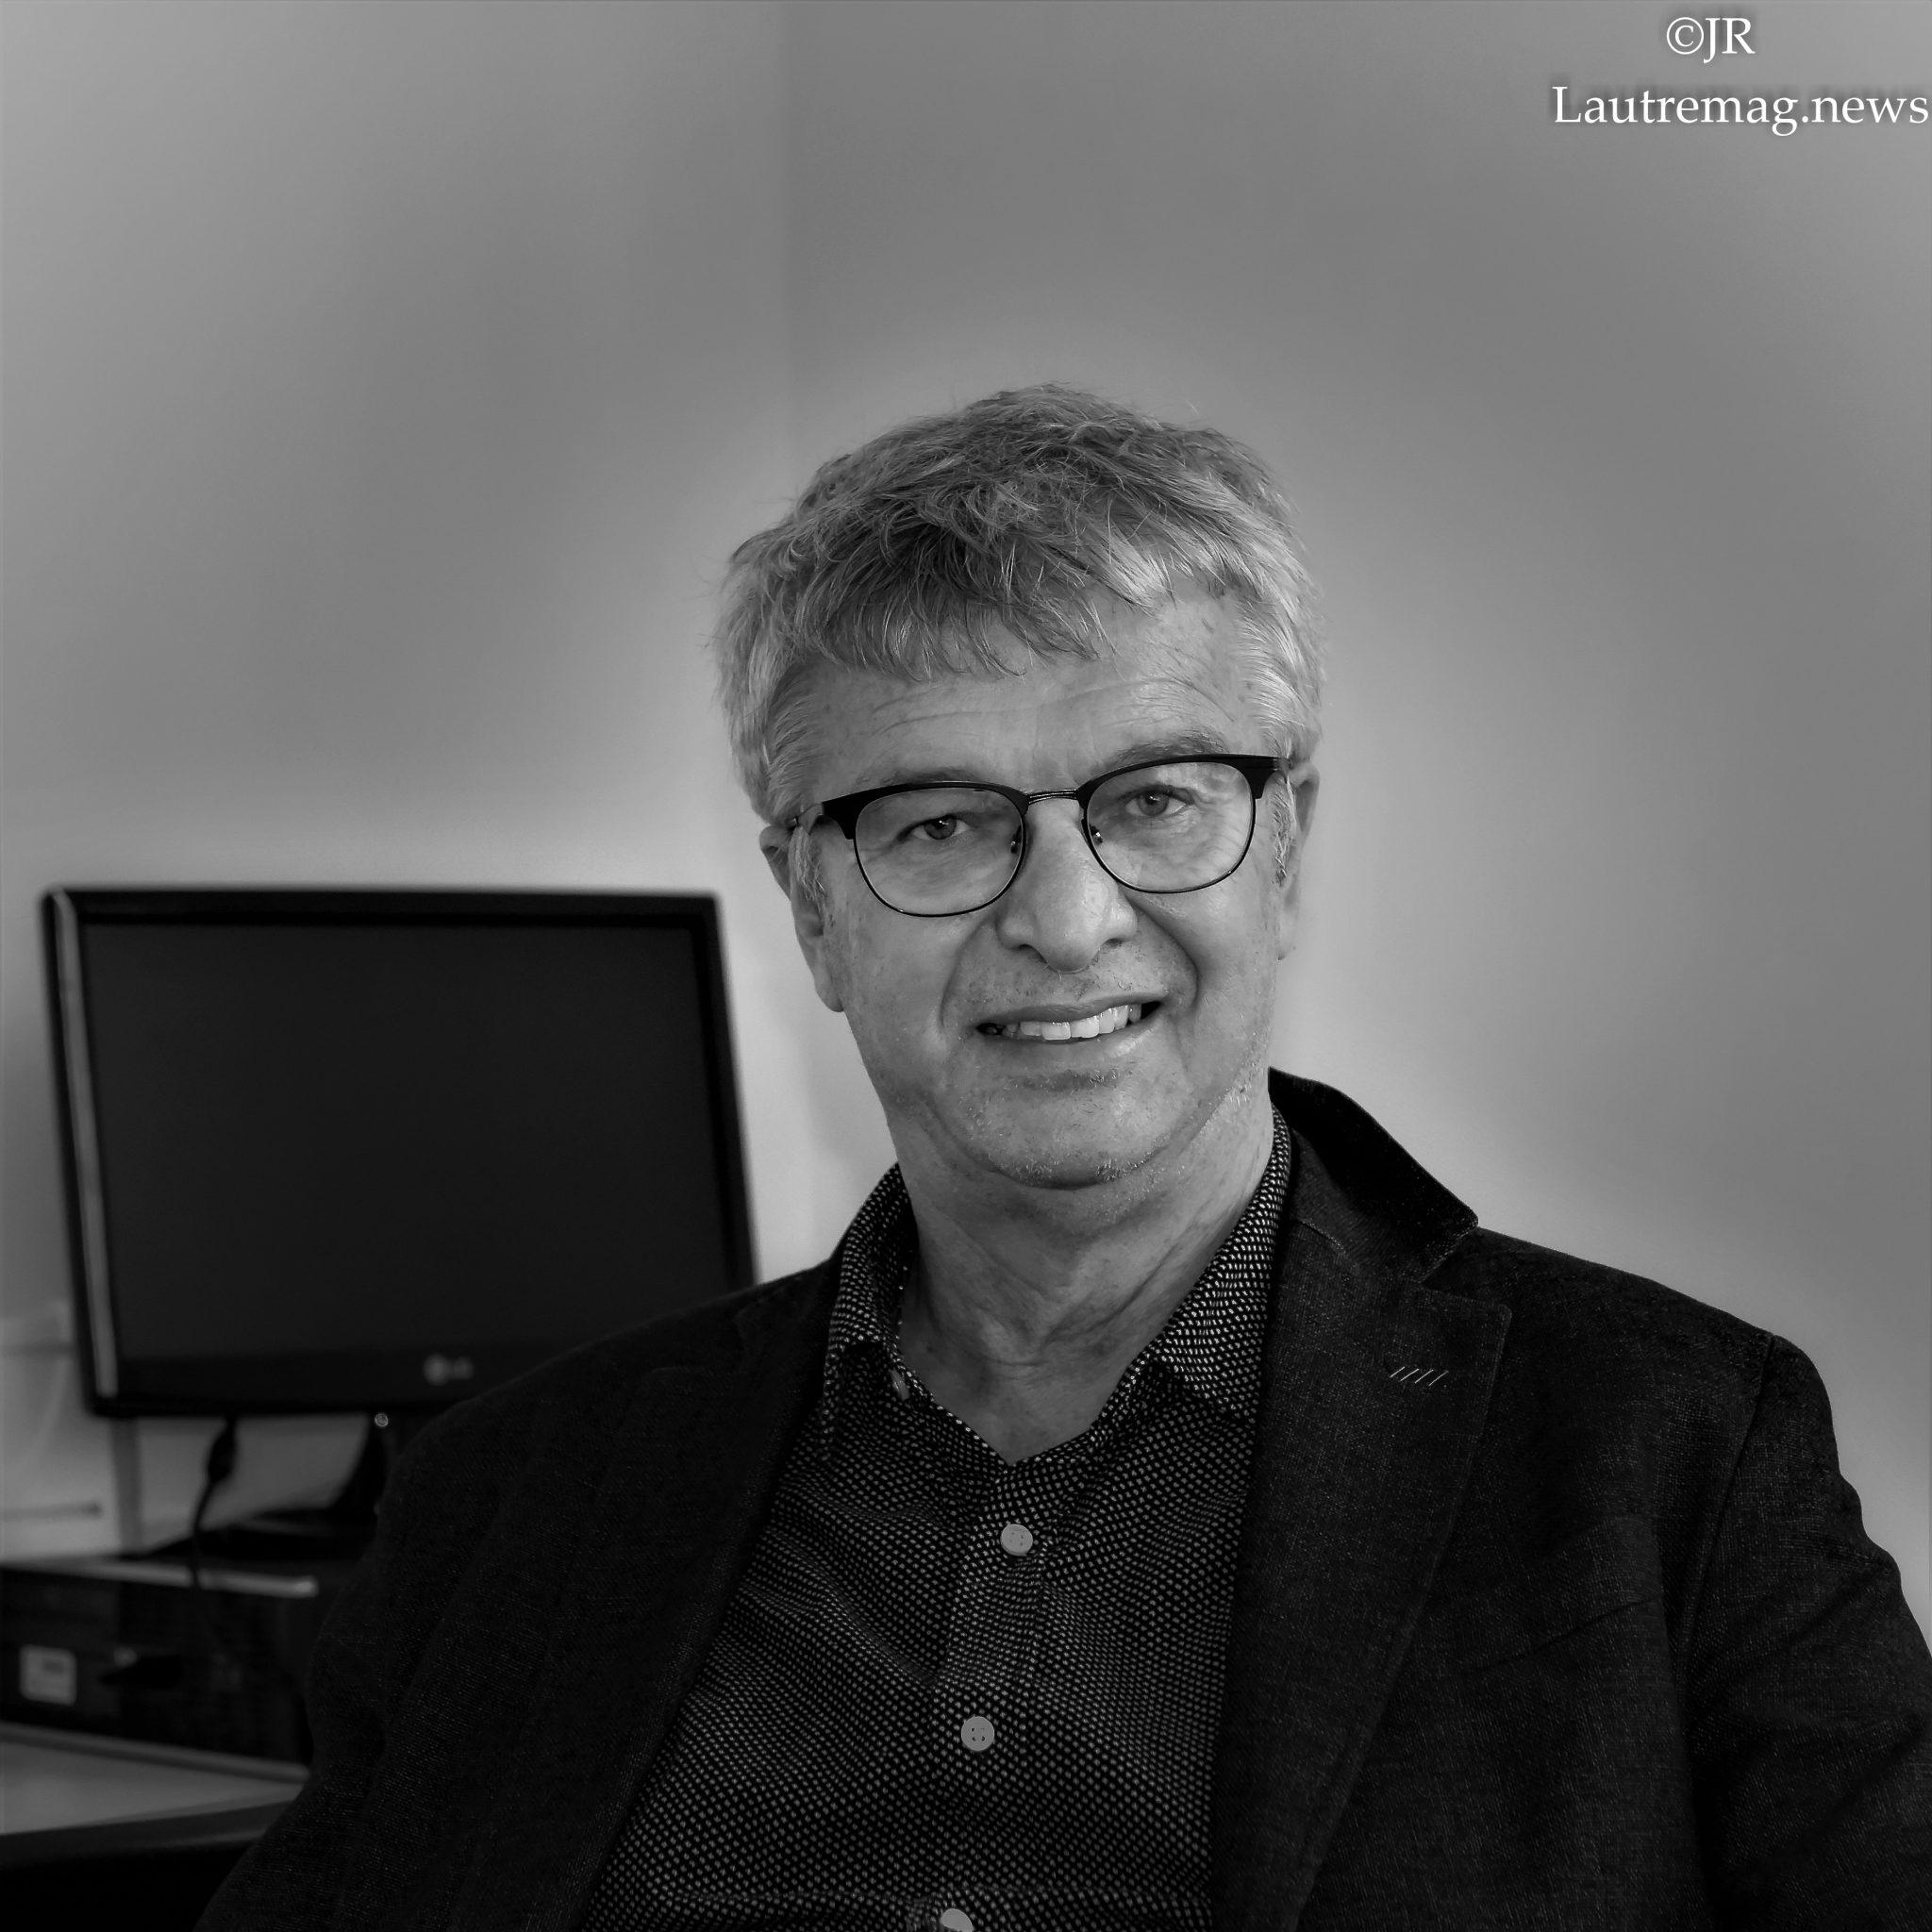 JEAN GABERT-ITINERAIRE D'UN GRAND SCIENTIFIQUE